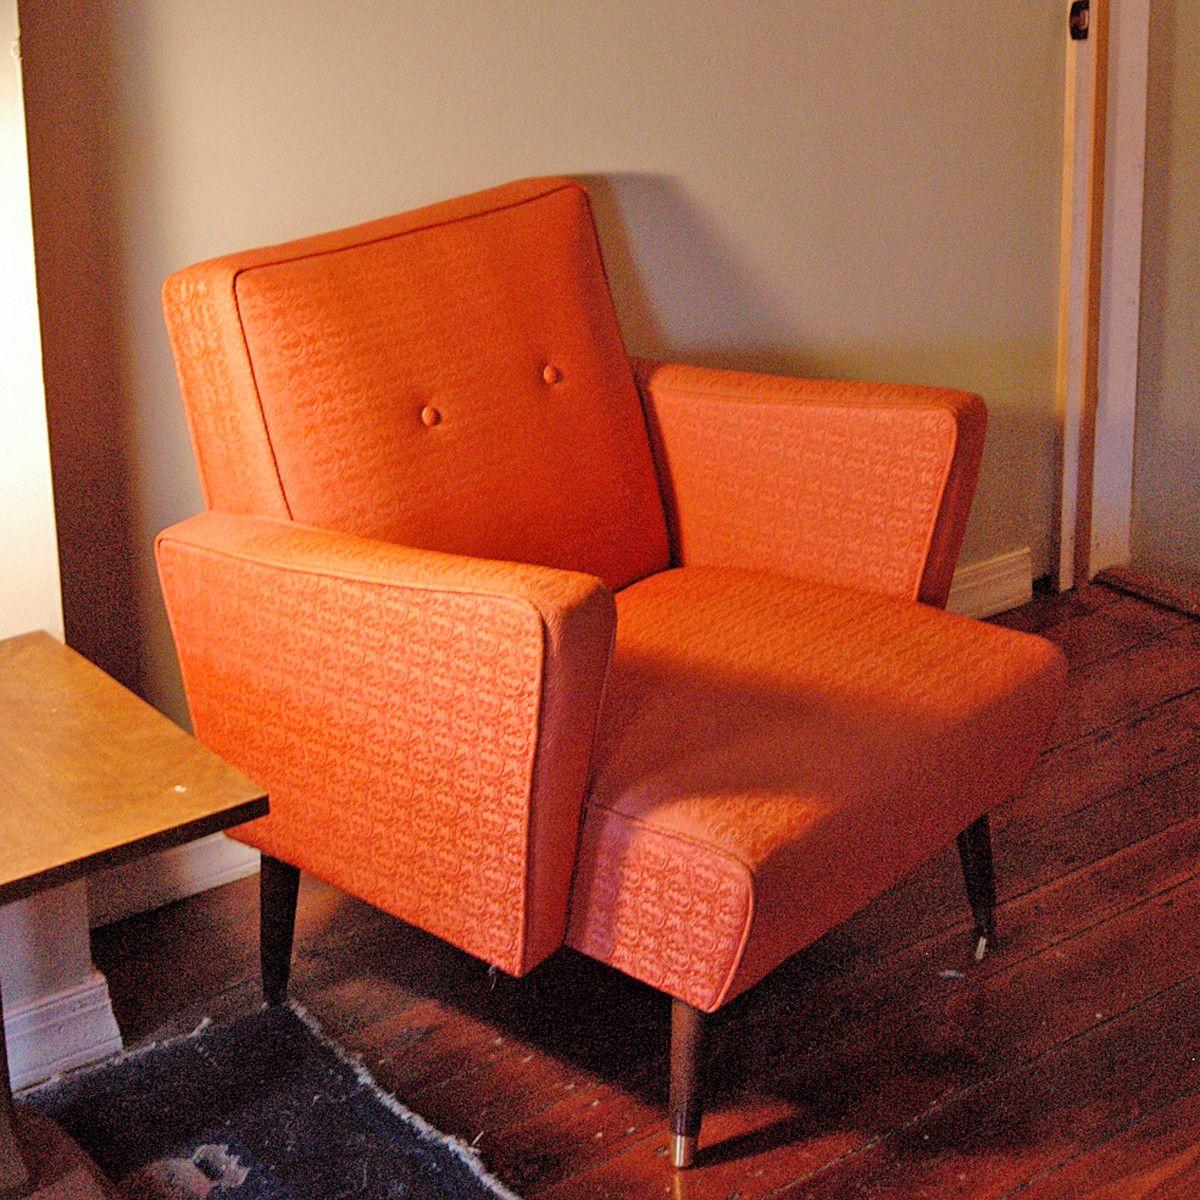 Mid-Century Modern Chair Orange